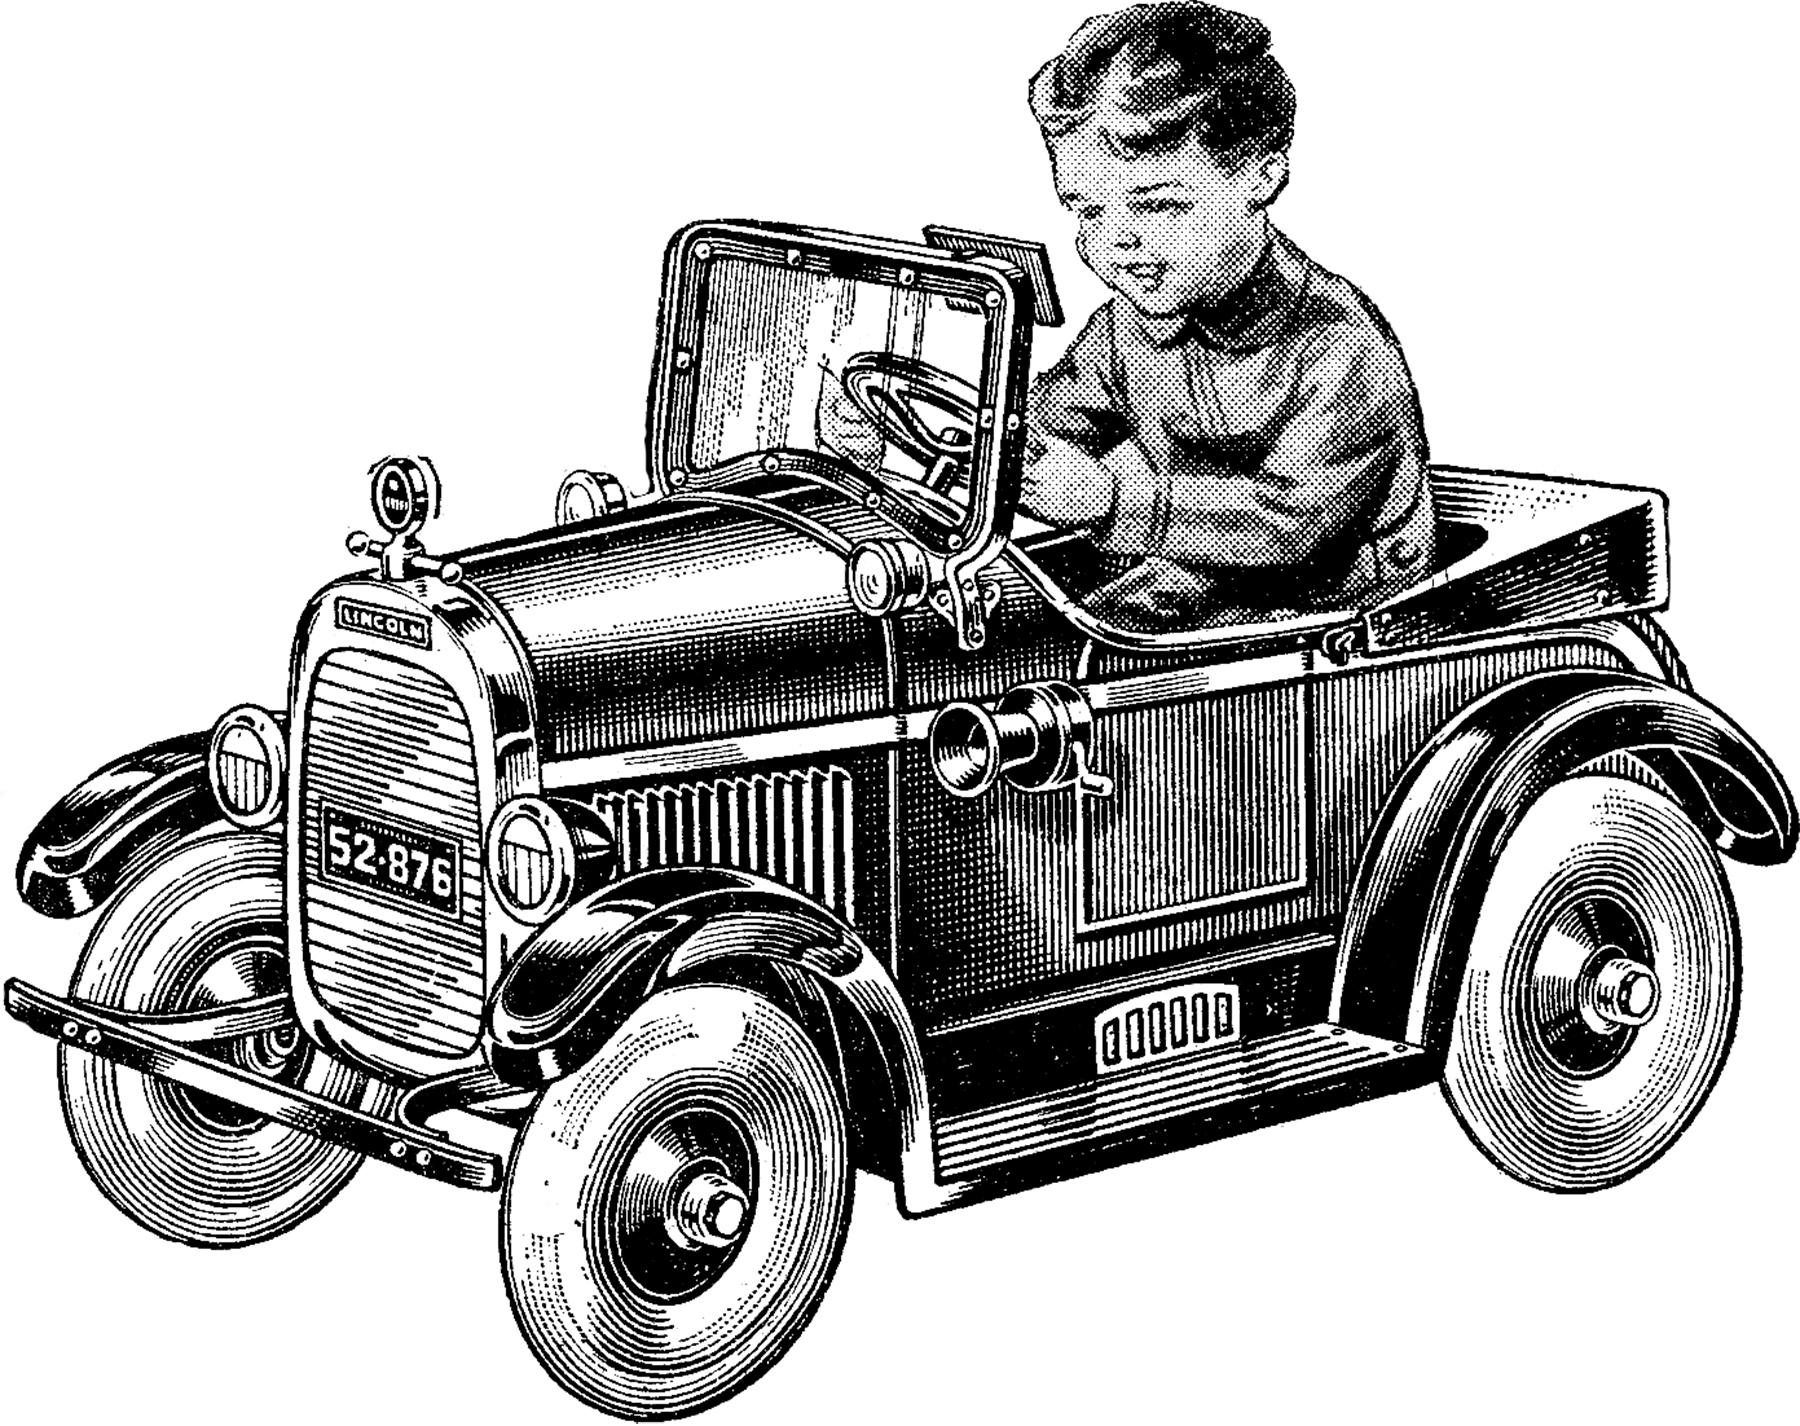 Vintage Pedal Car Image - Automobile! - The Graphics Fairy (1800 x 1426 Pixel)